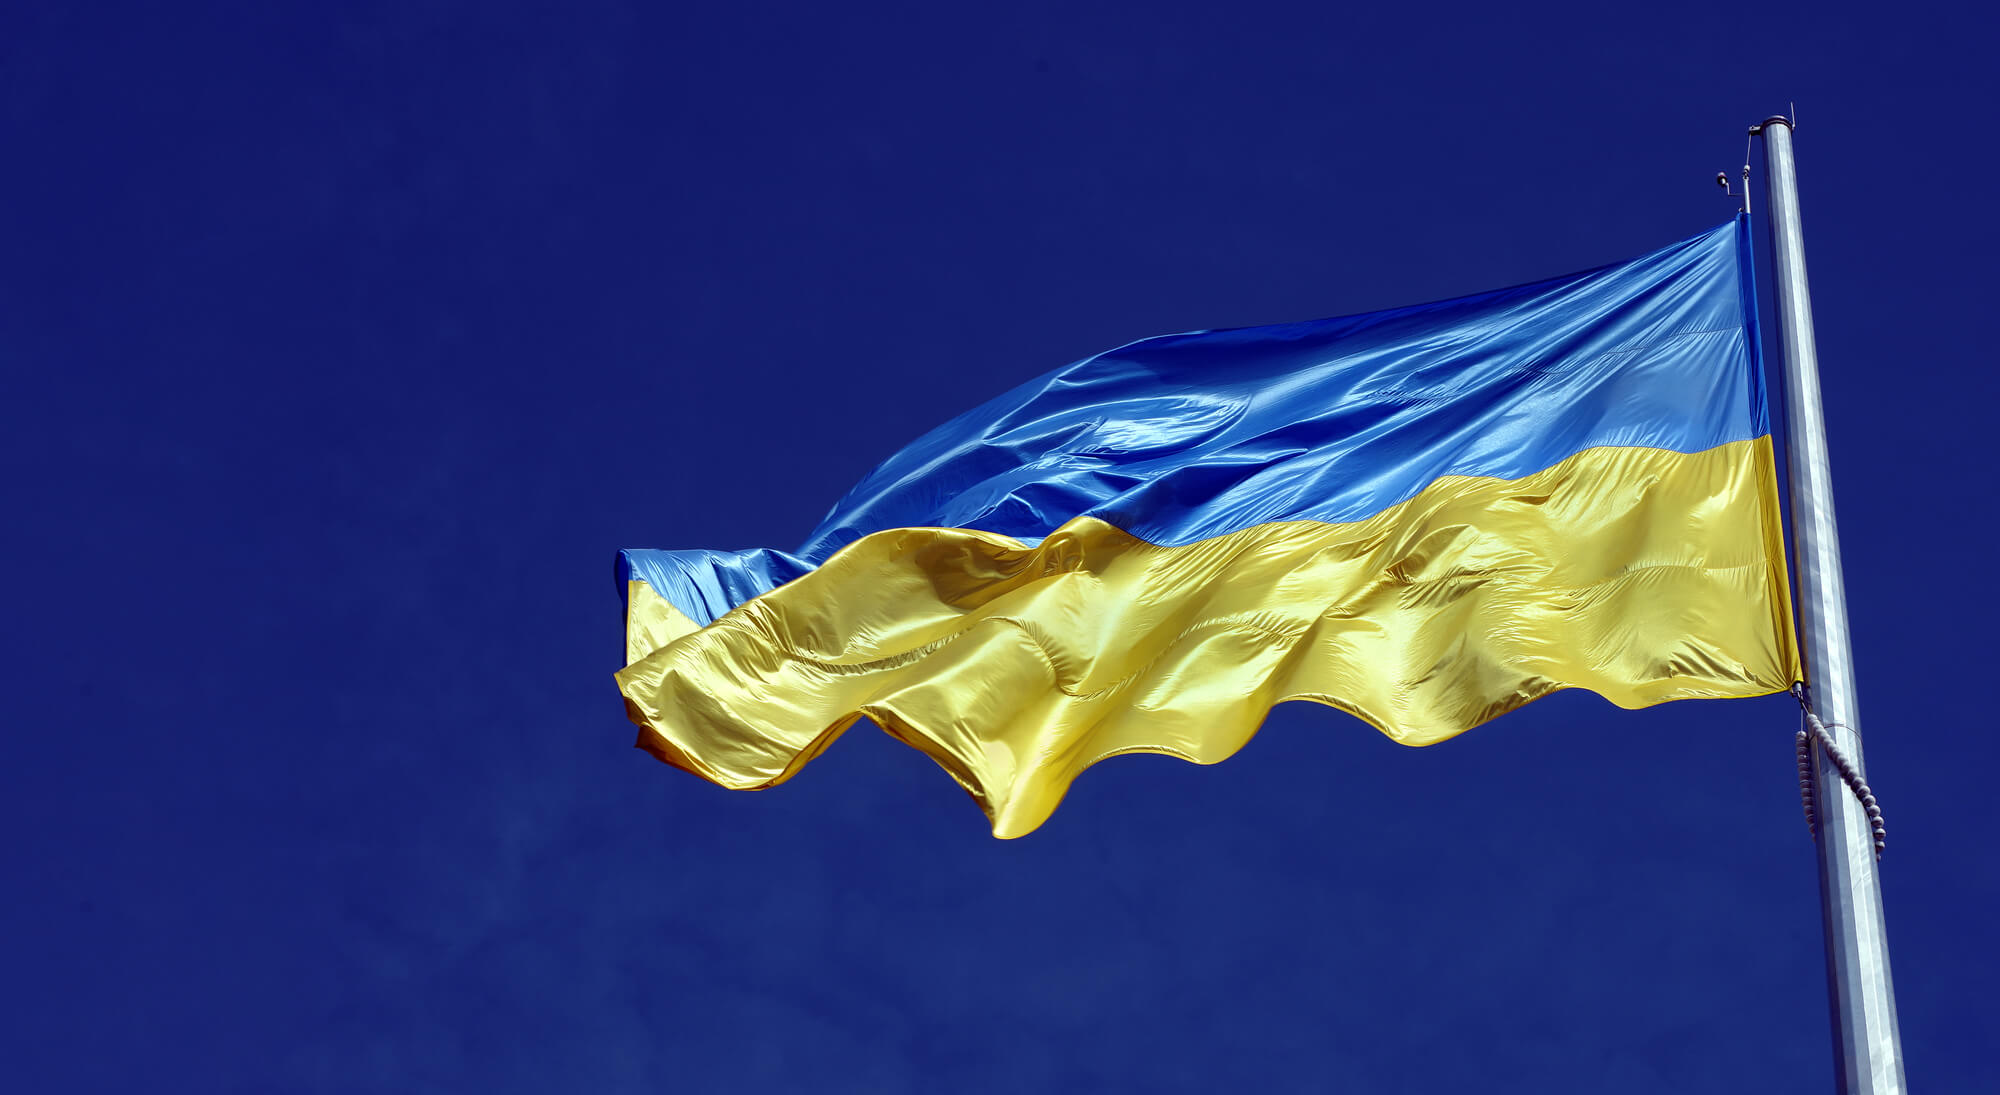 Проблема курицы и яйца: как украинцам получить хорошее правительство, если они ему не доверяют?